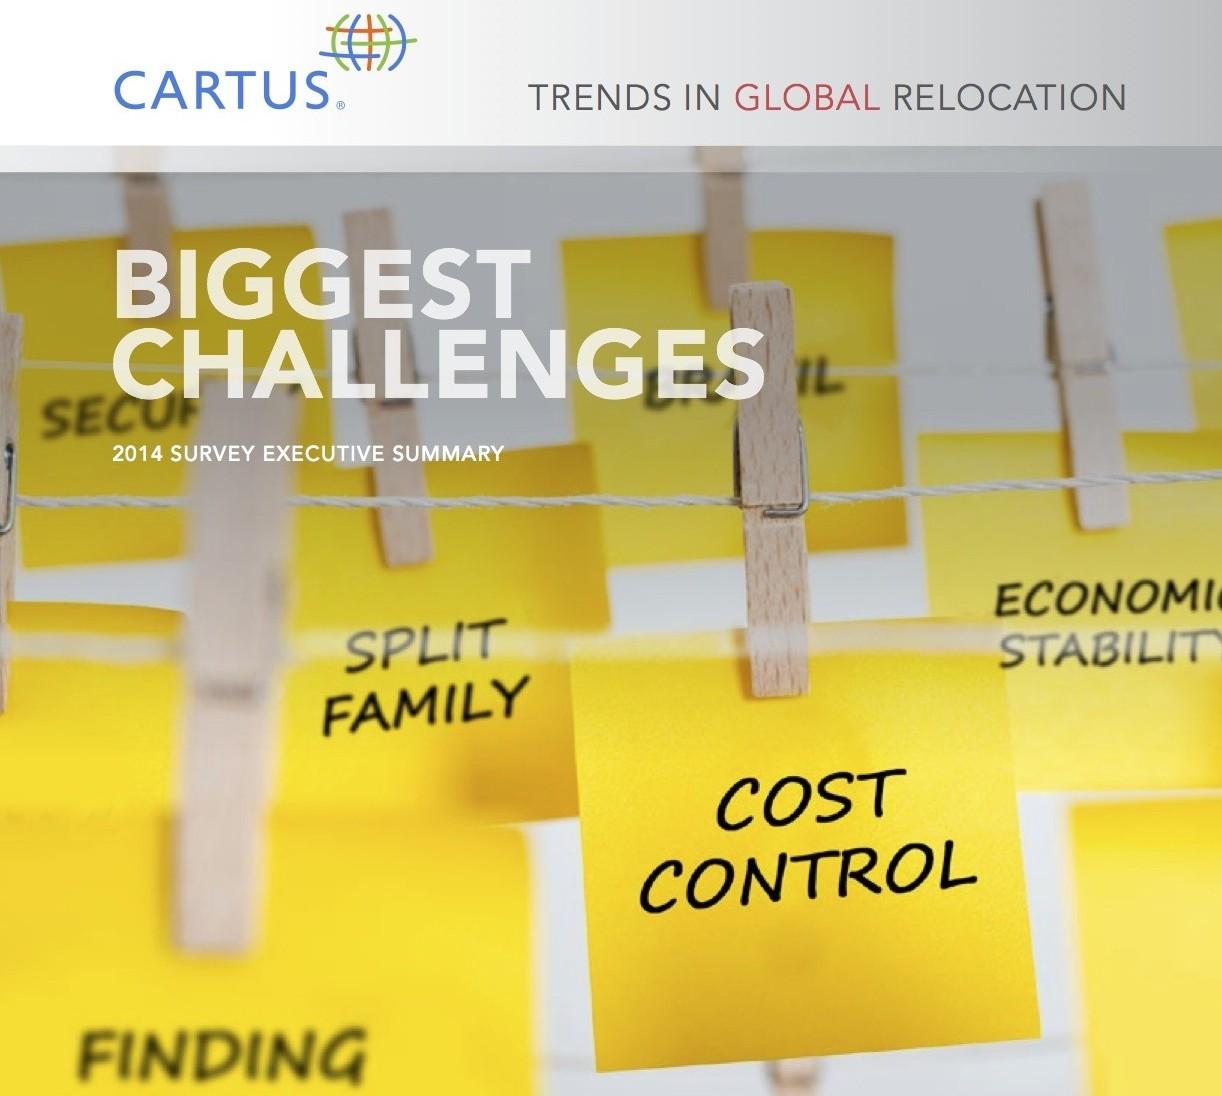 2014_Biggest_Challenges_Exec_Summary_1114